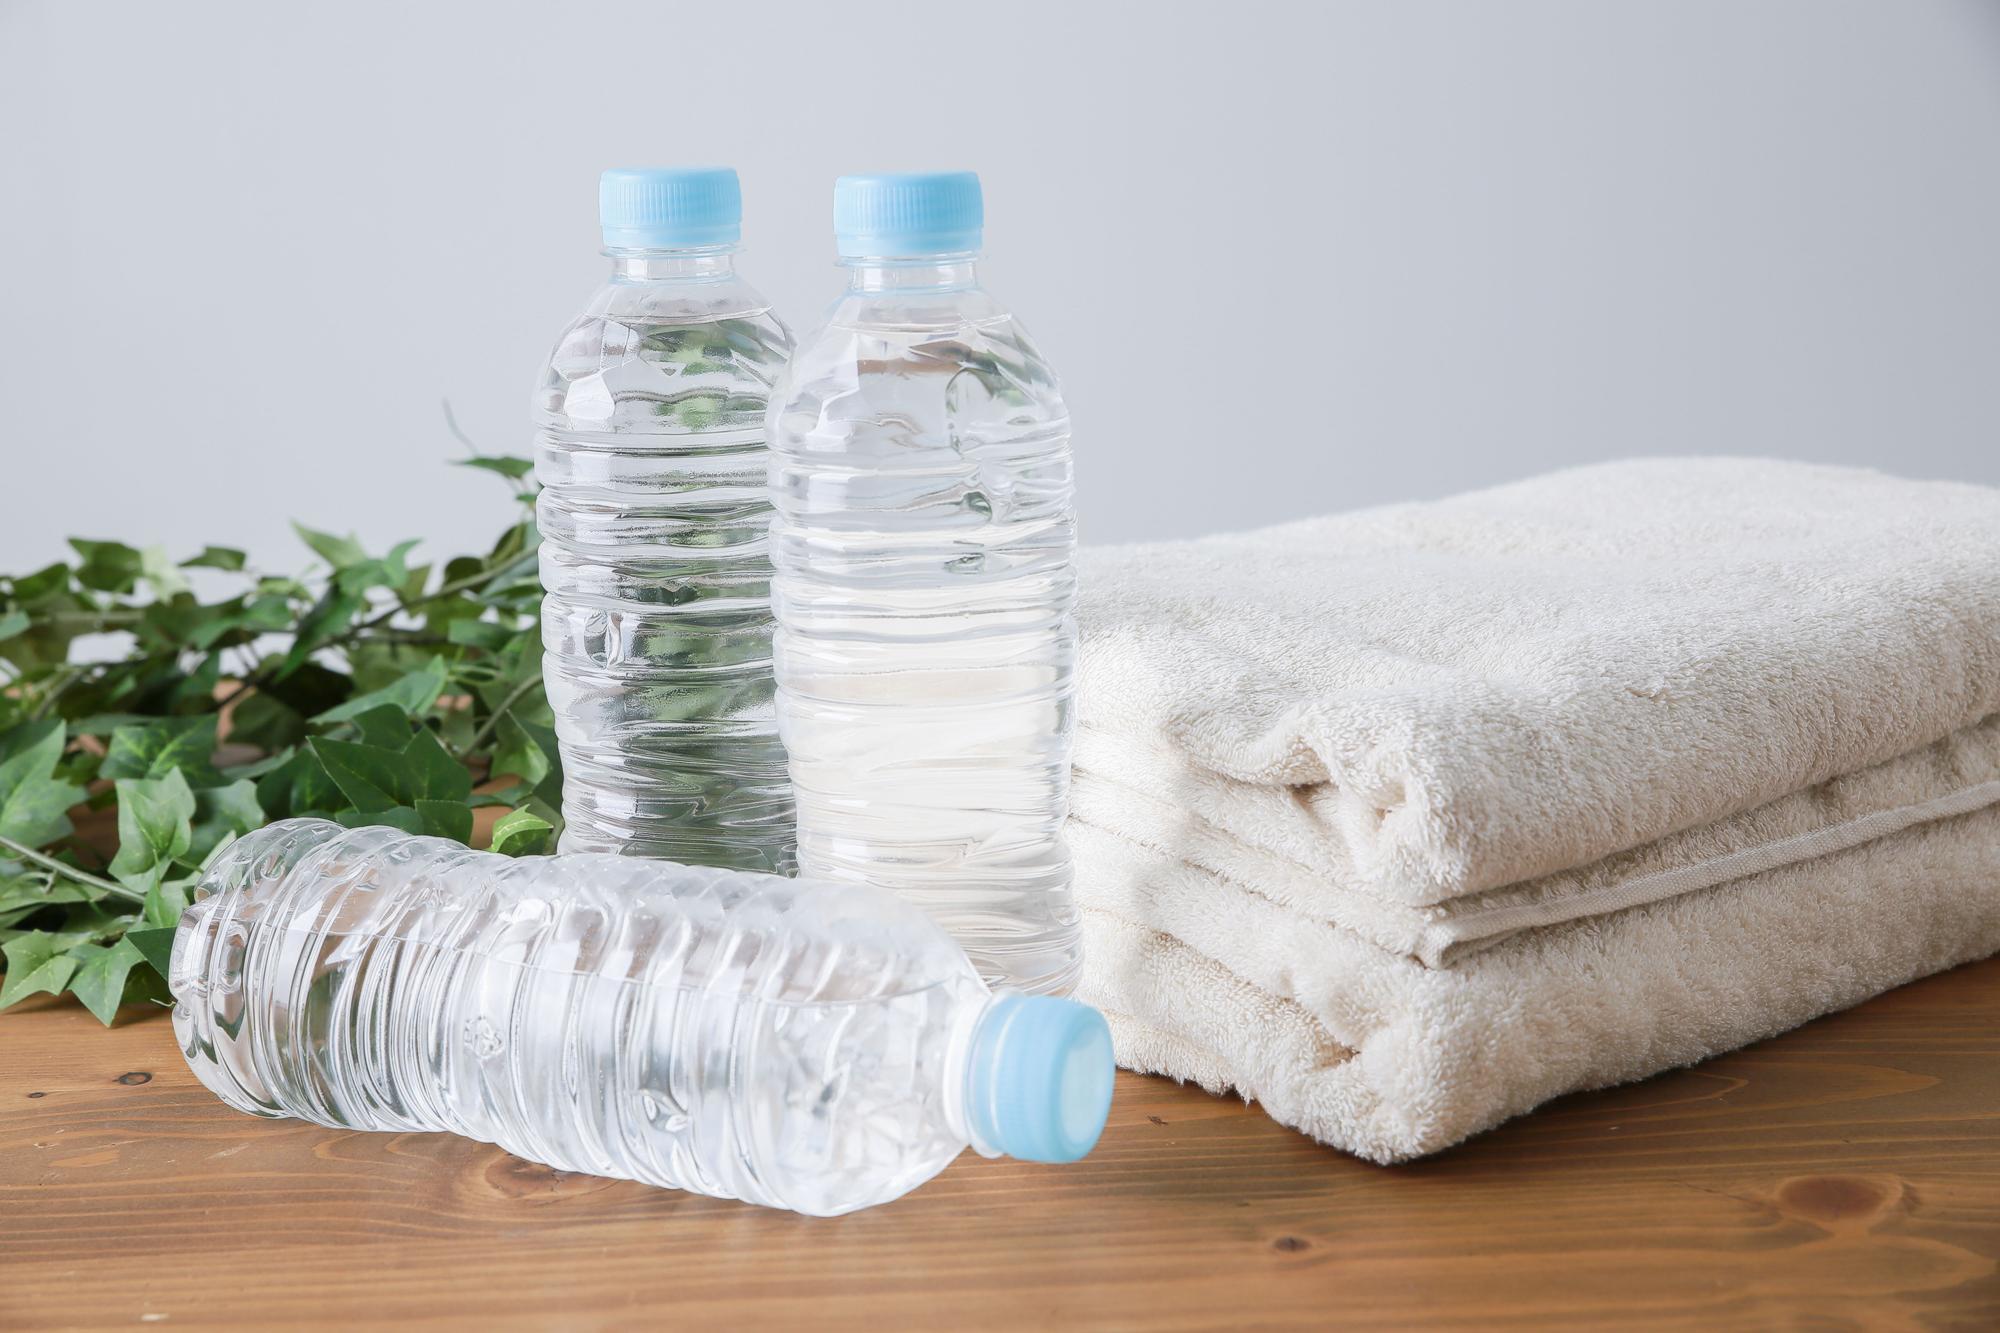 水のペットボトルとタオル